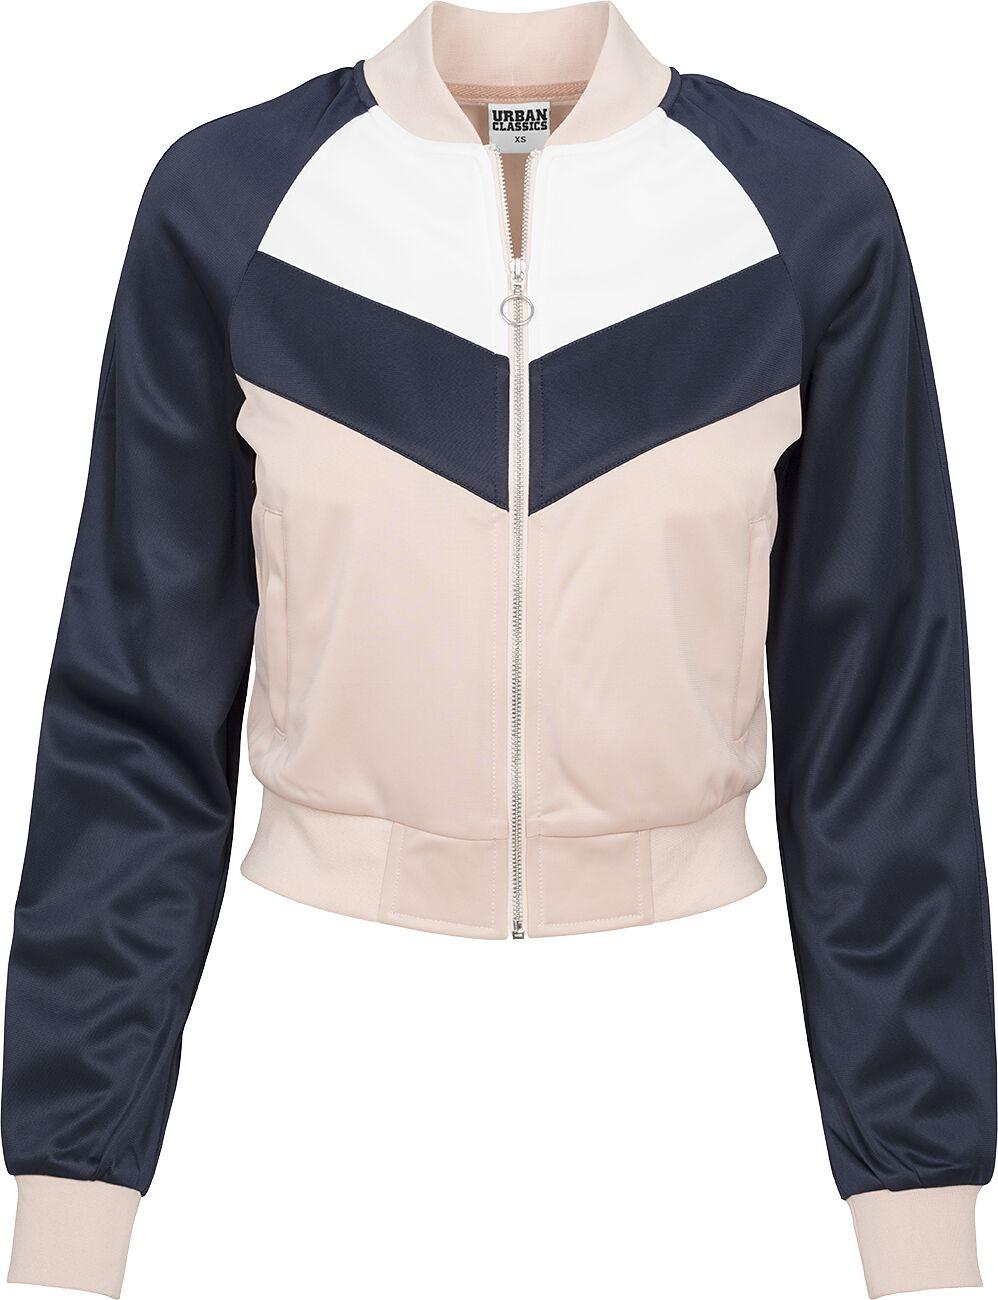 Marki - Kurtki - Kurtka treningowa damska Urban Classics Ladies Short Raglan Track Jacket Kurtka treningowa damska różowy/błękitny/biały - 363298